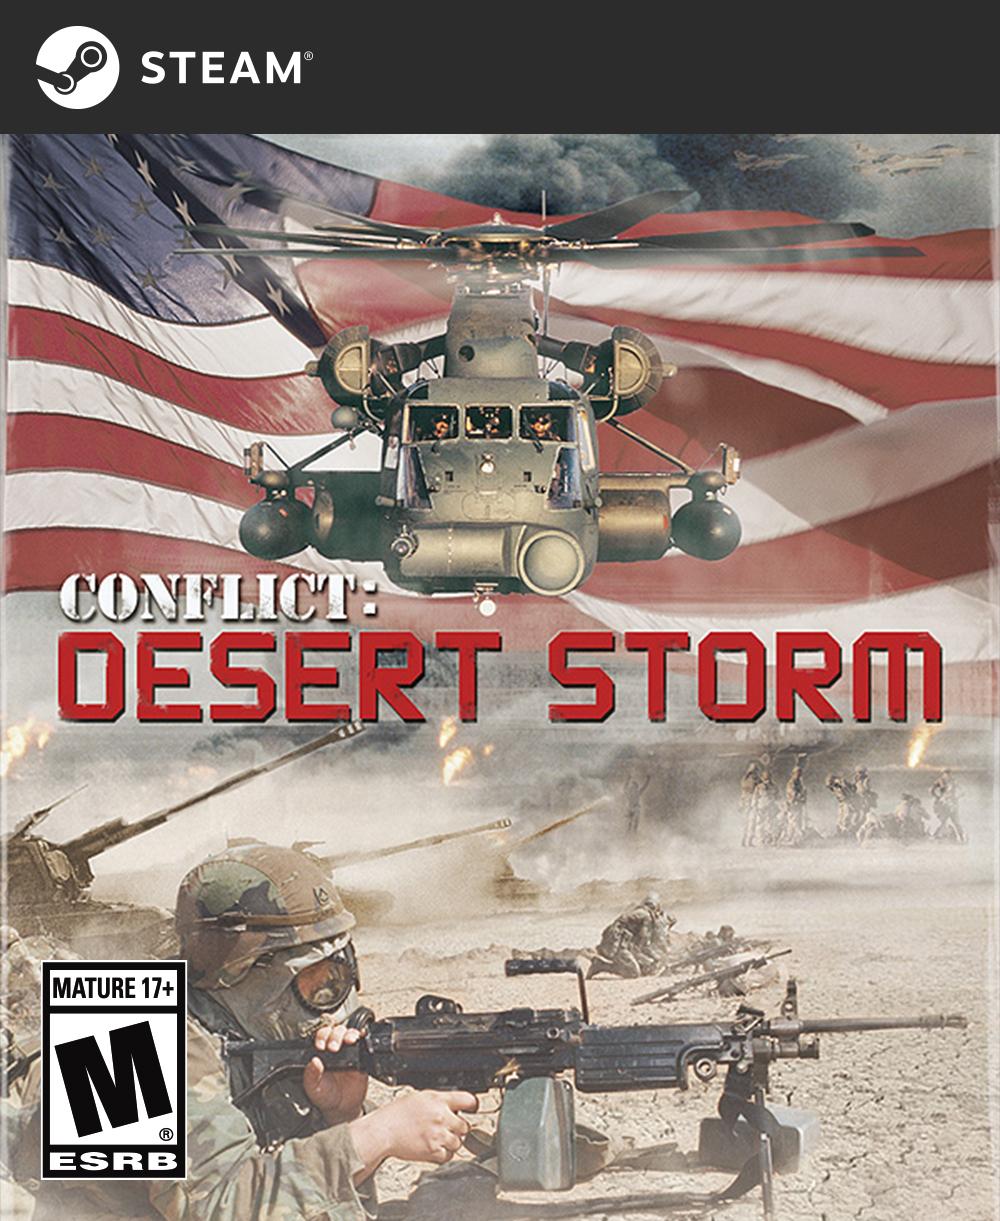 conflict-desert-storm-online-game-code